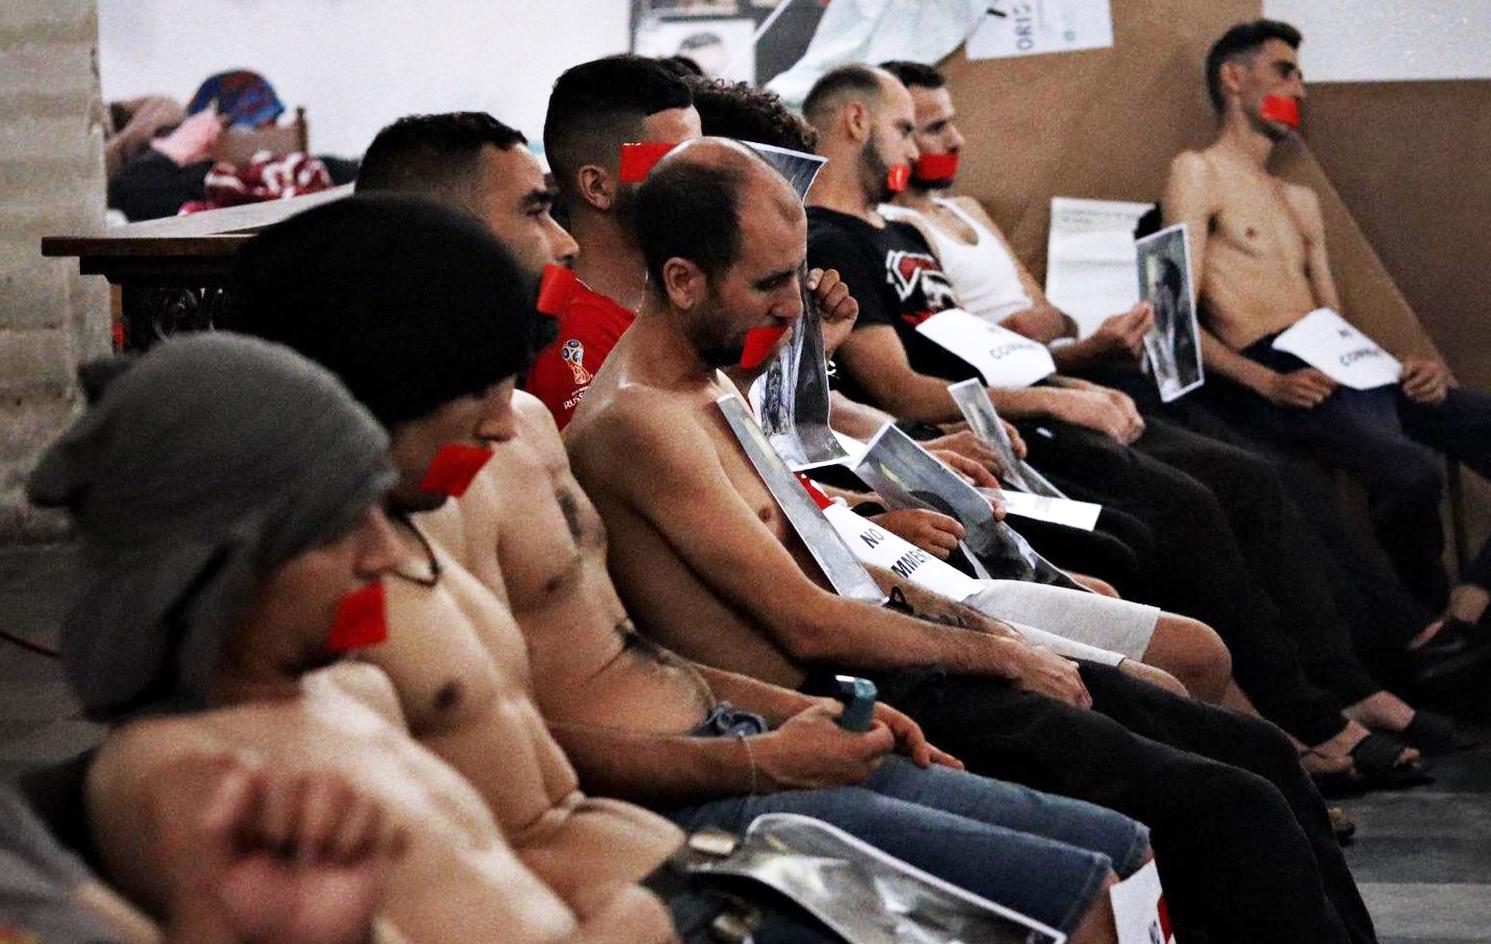 Hungerstreik von Papierlosen: Sterben, um anerkannt zu werden